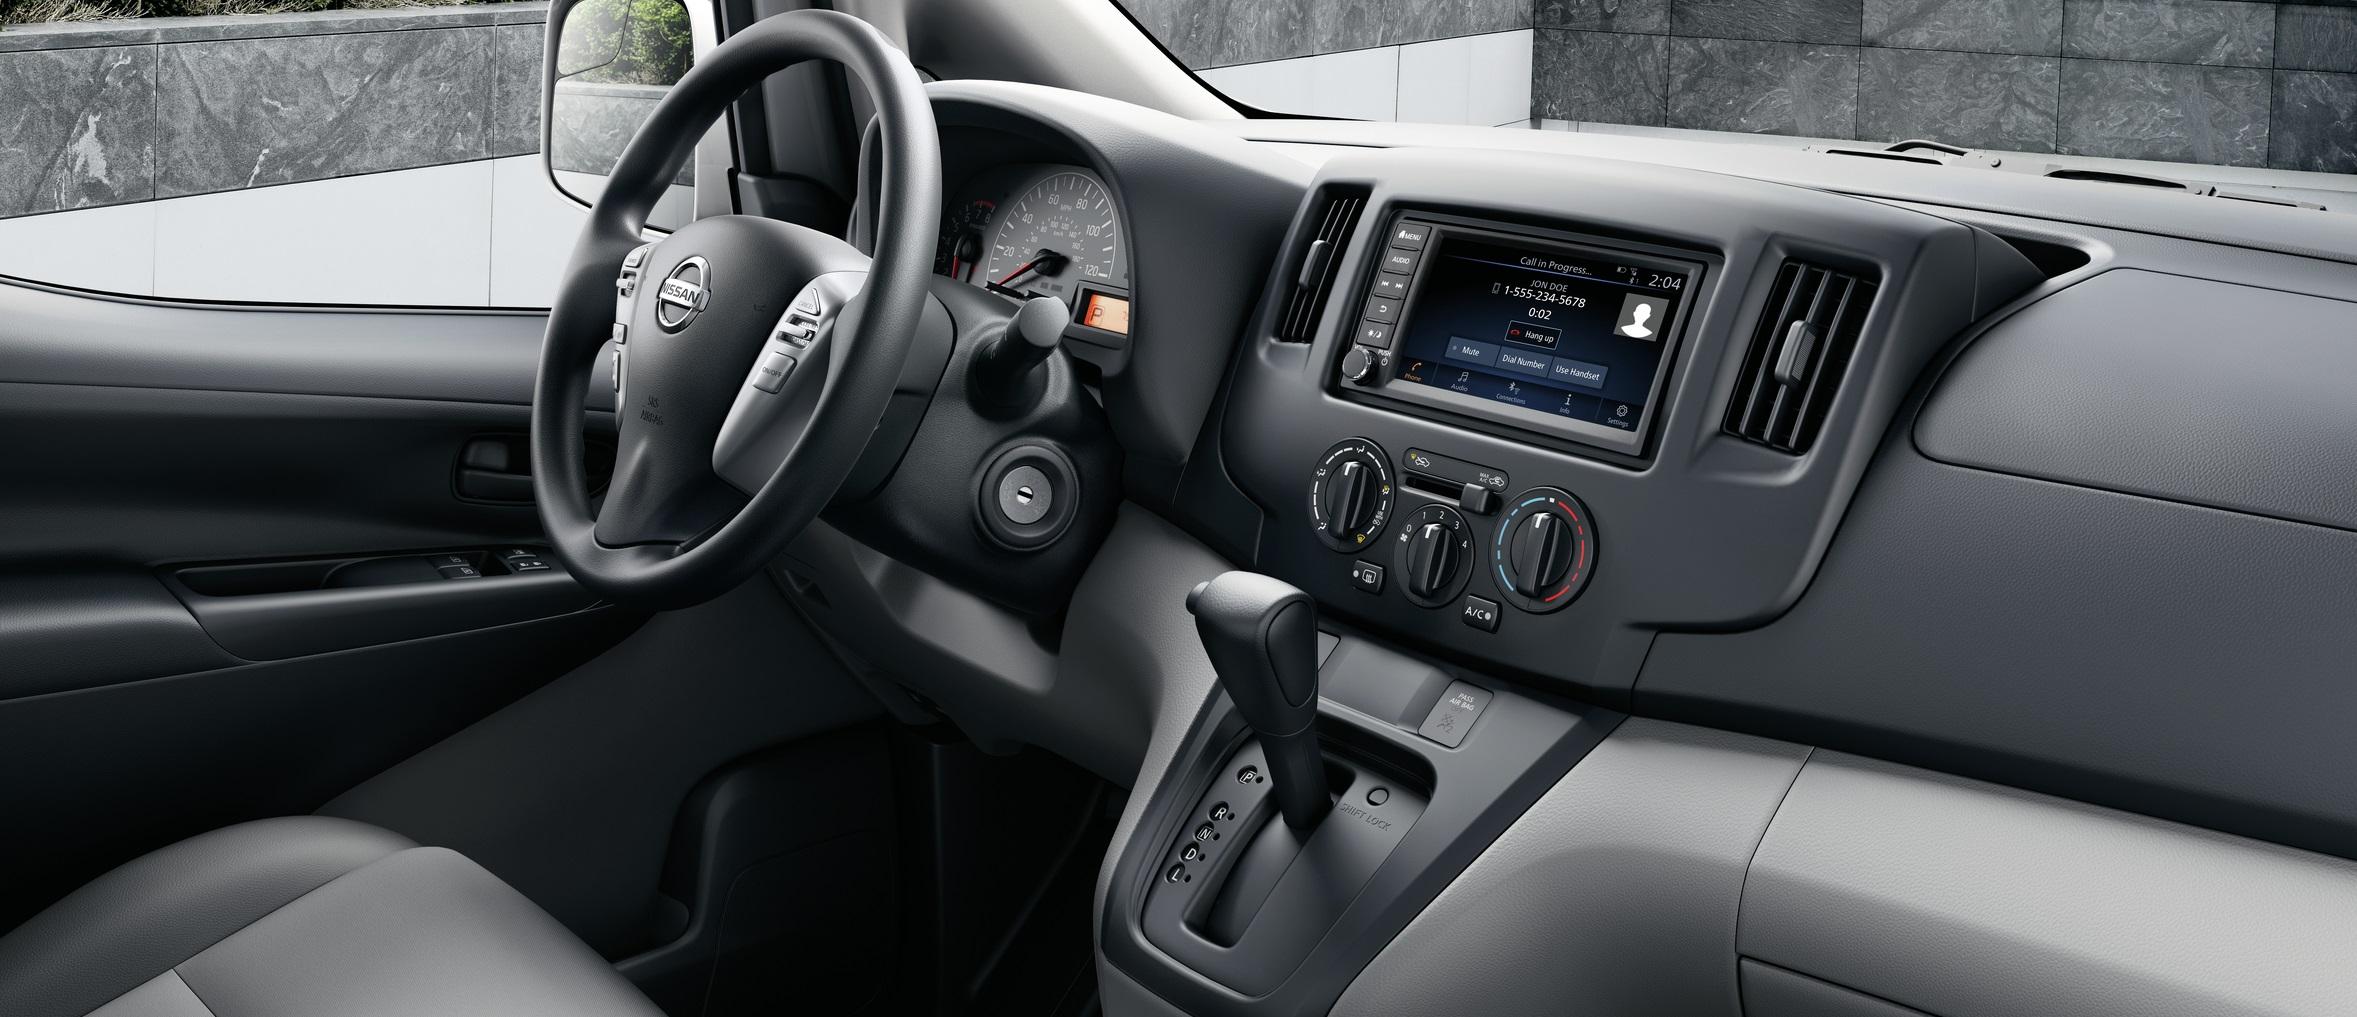 Nissan NV200 Interior Harlingen